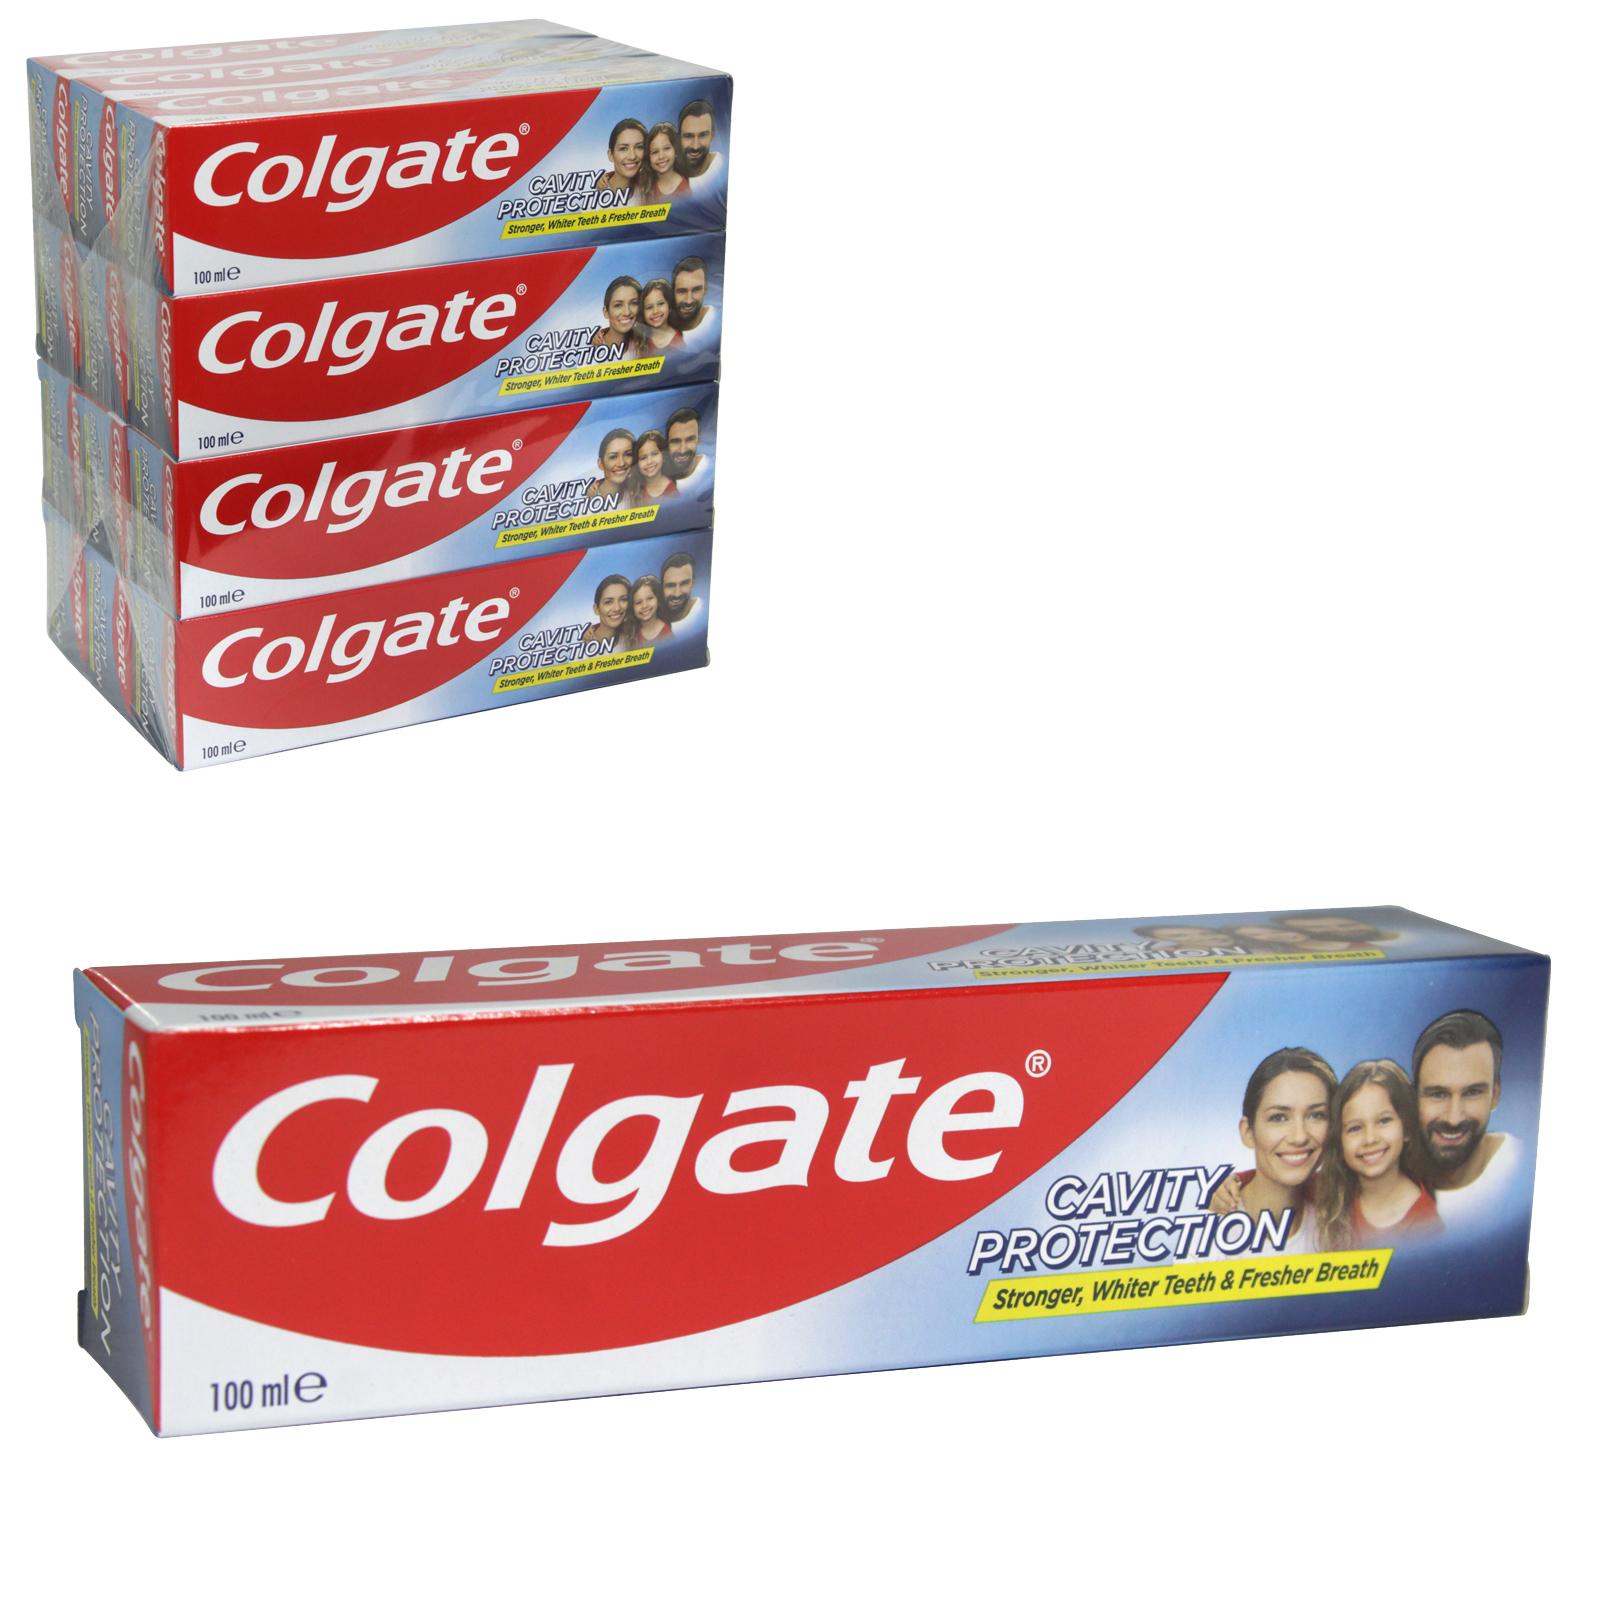 COLGATE T/PASTE 100M CAVITY PROTECTION FRESH MINT X12